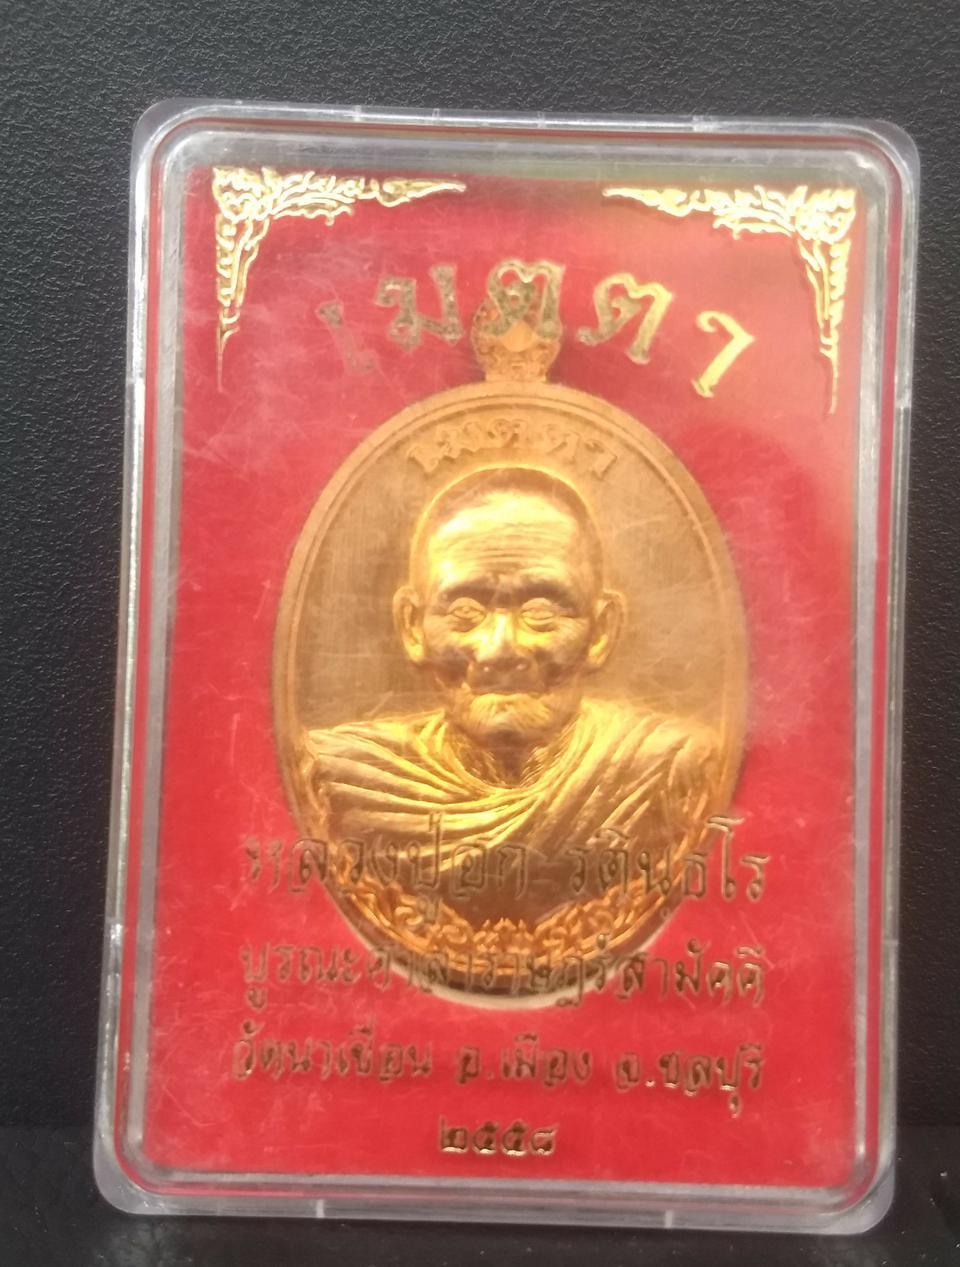 เหรียญหลวงปู่ฮก รุ่นเมตตา ออกวัดนาเขื่อน เนื้อทองแดงผิวไฟ รูปที่ 4